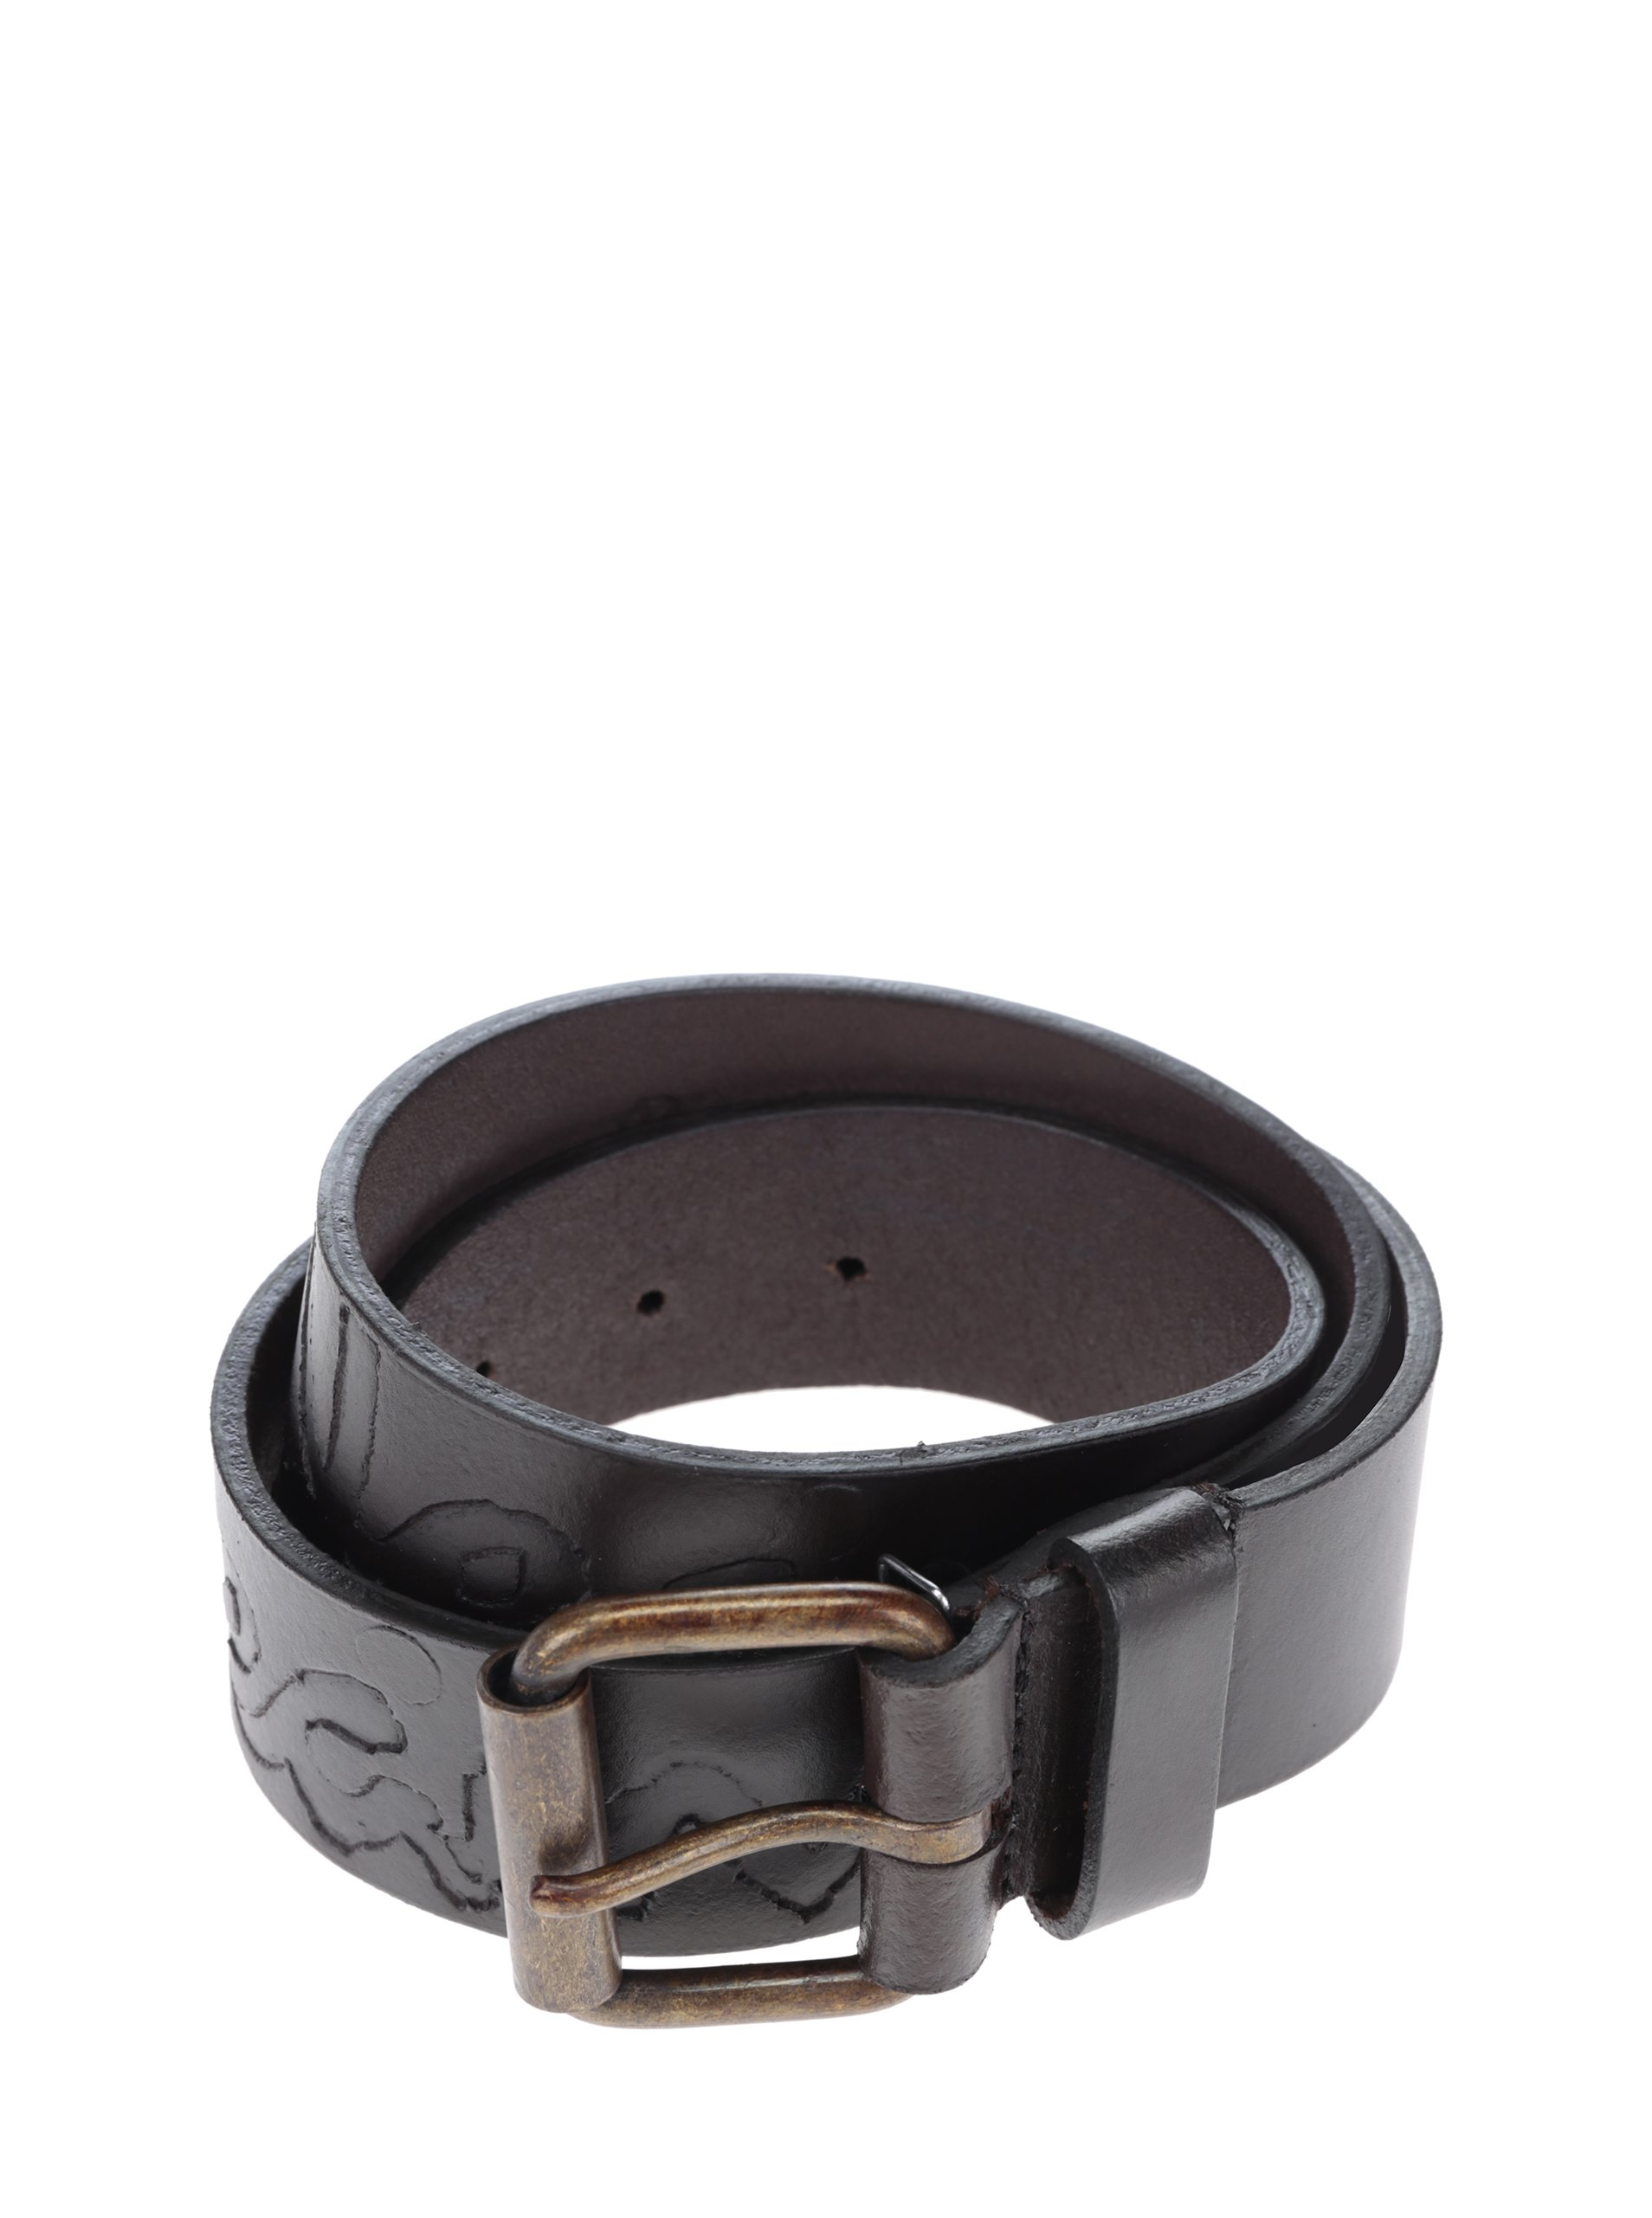 Tmavě hnědý pánský kožený pásek s nápisem Pepe Jeans Hammond